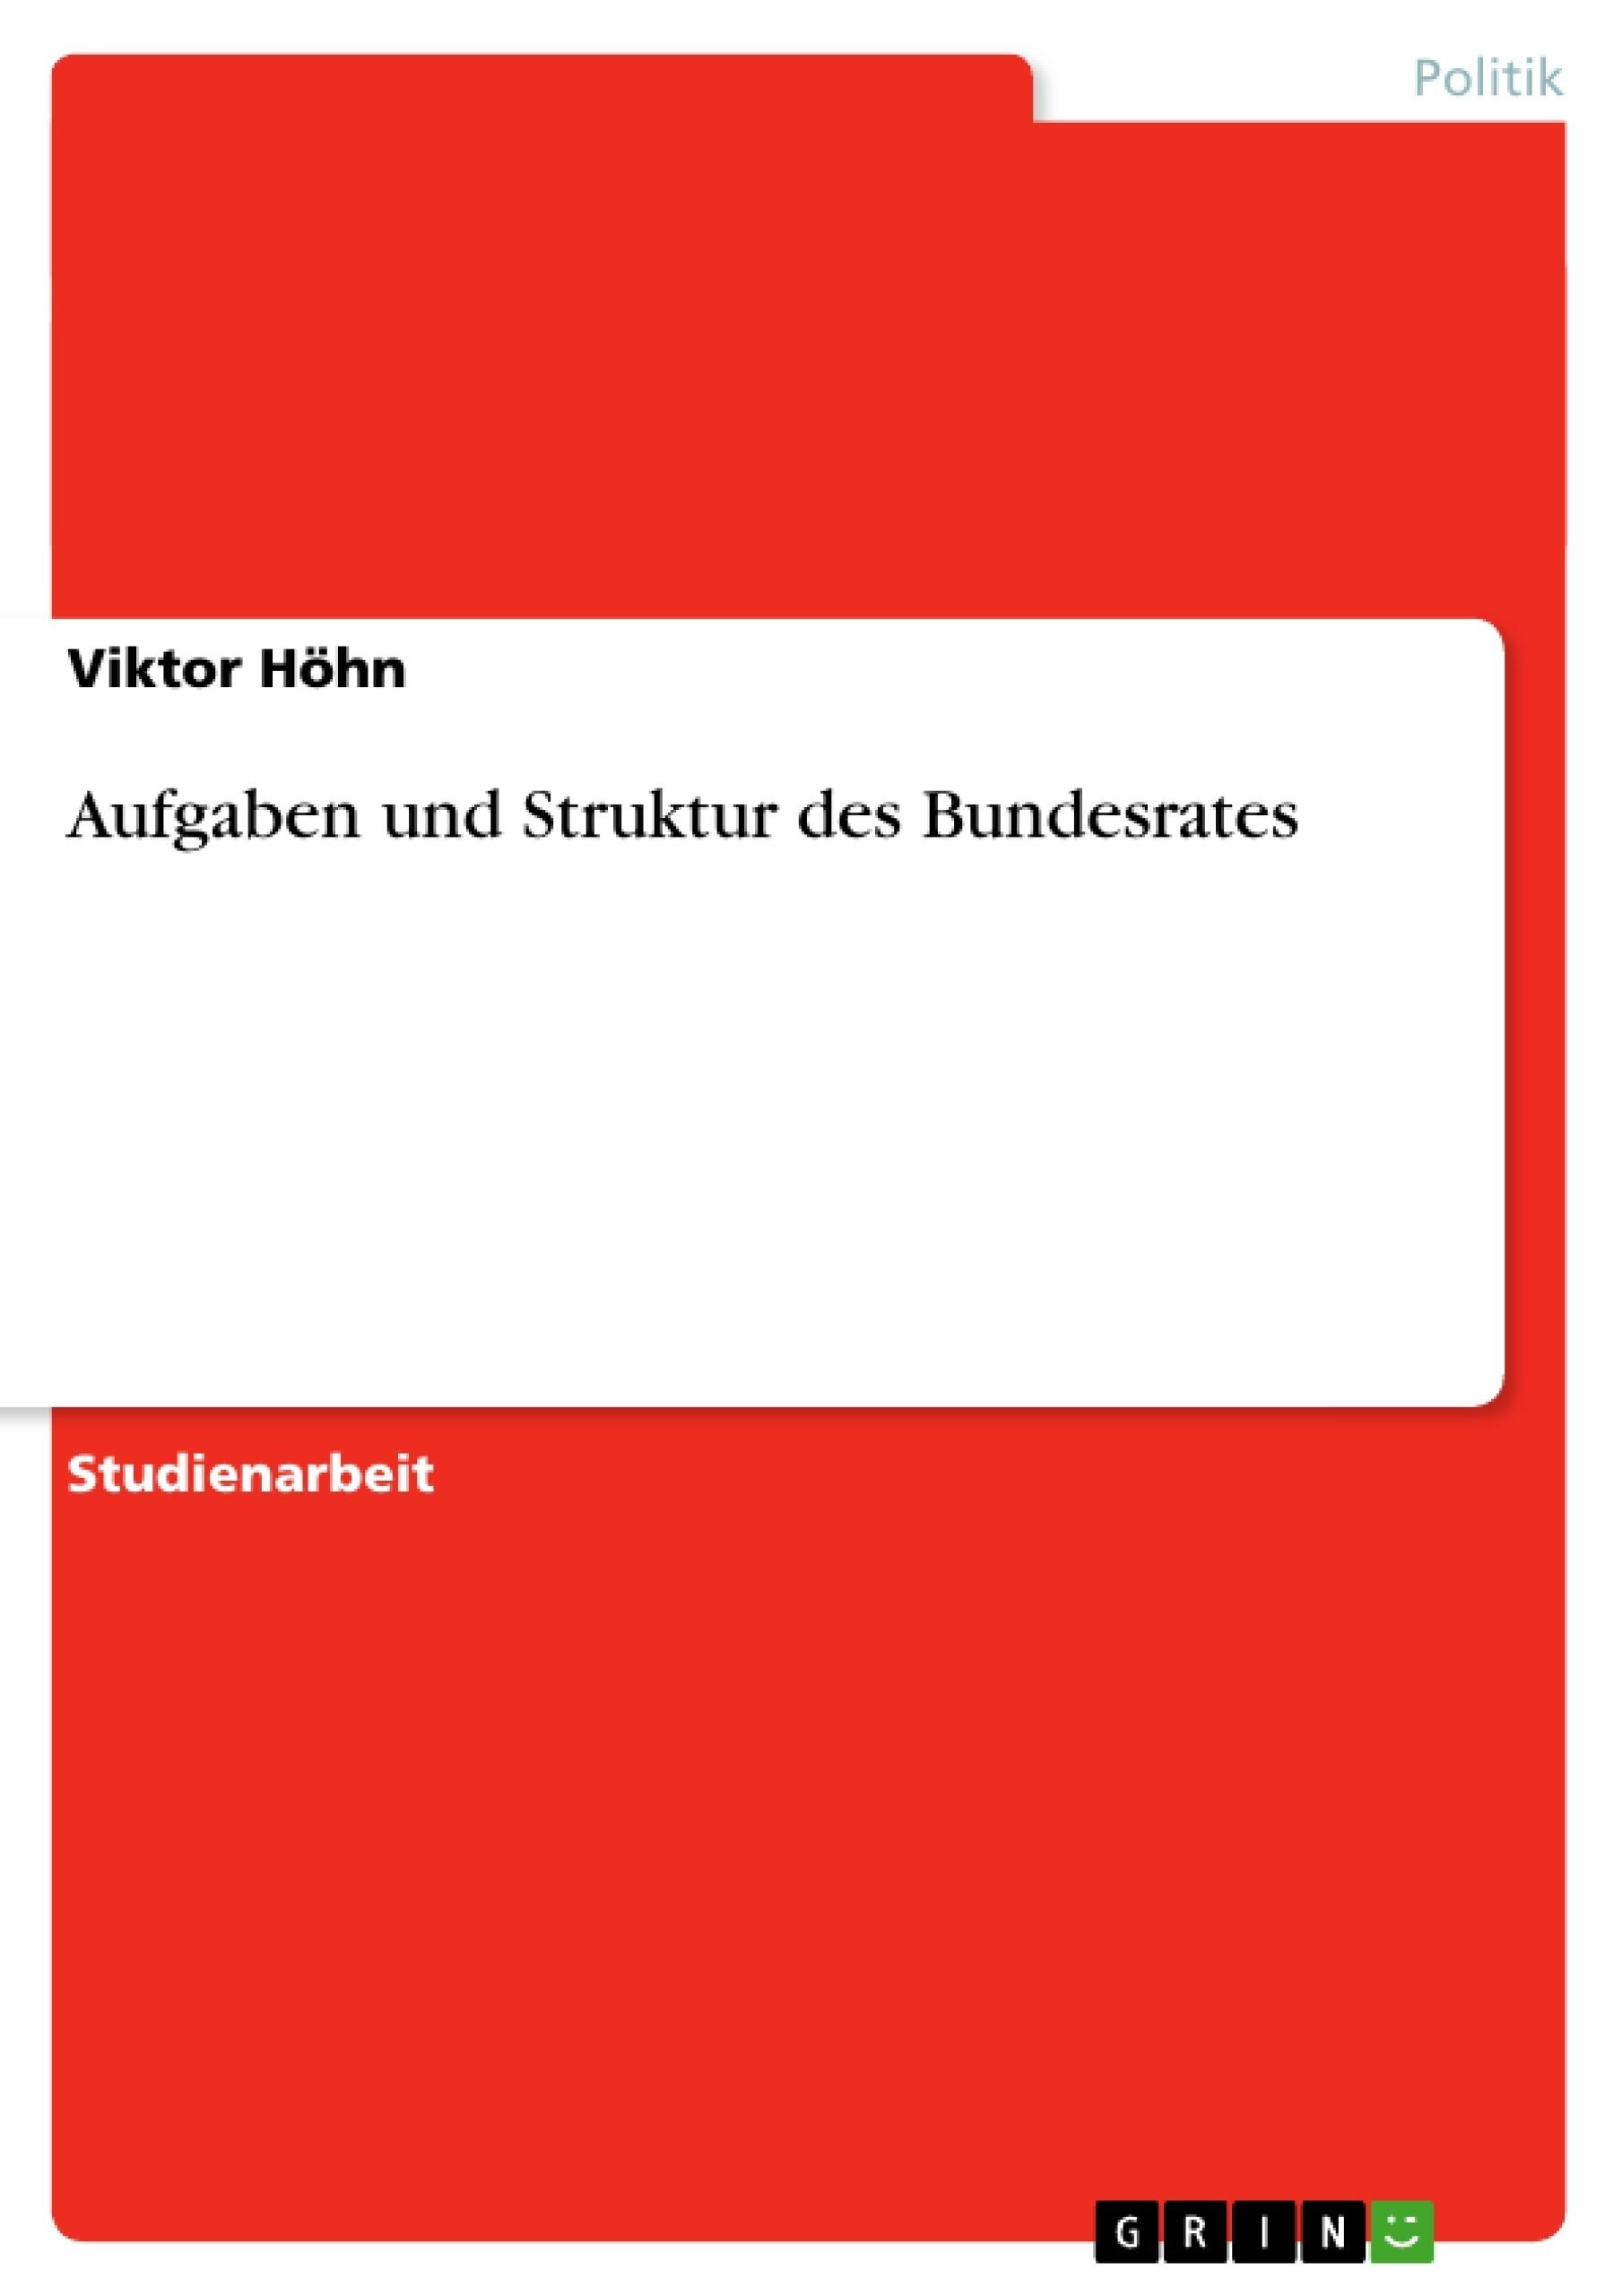 Titel: Aufgaben und Struktur des Bundesrates